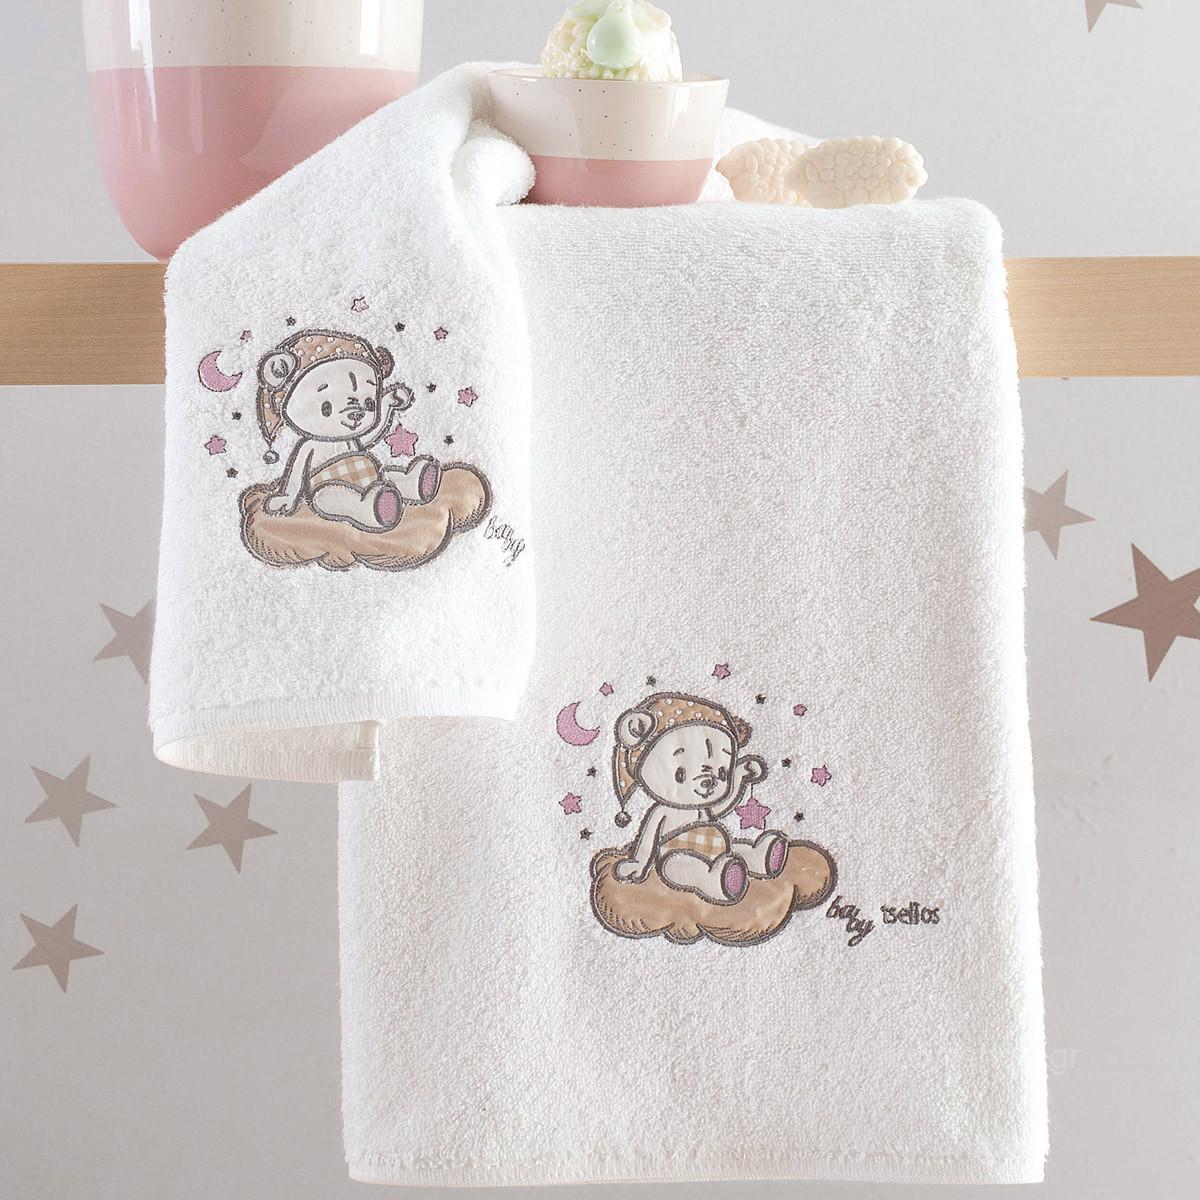 Βρεφικές Πετσέτες (Σετ 2τμχ) Makis Tselios Sweet Pink